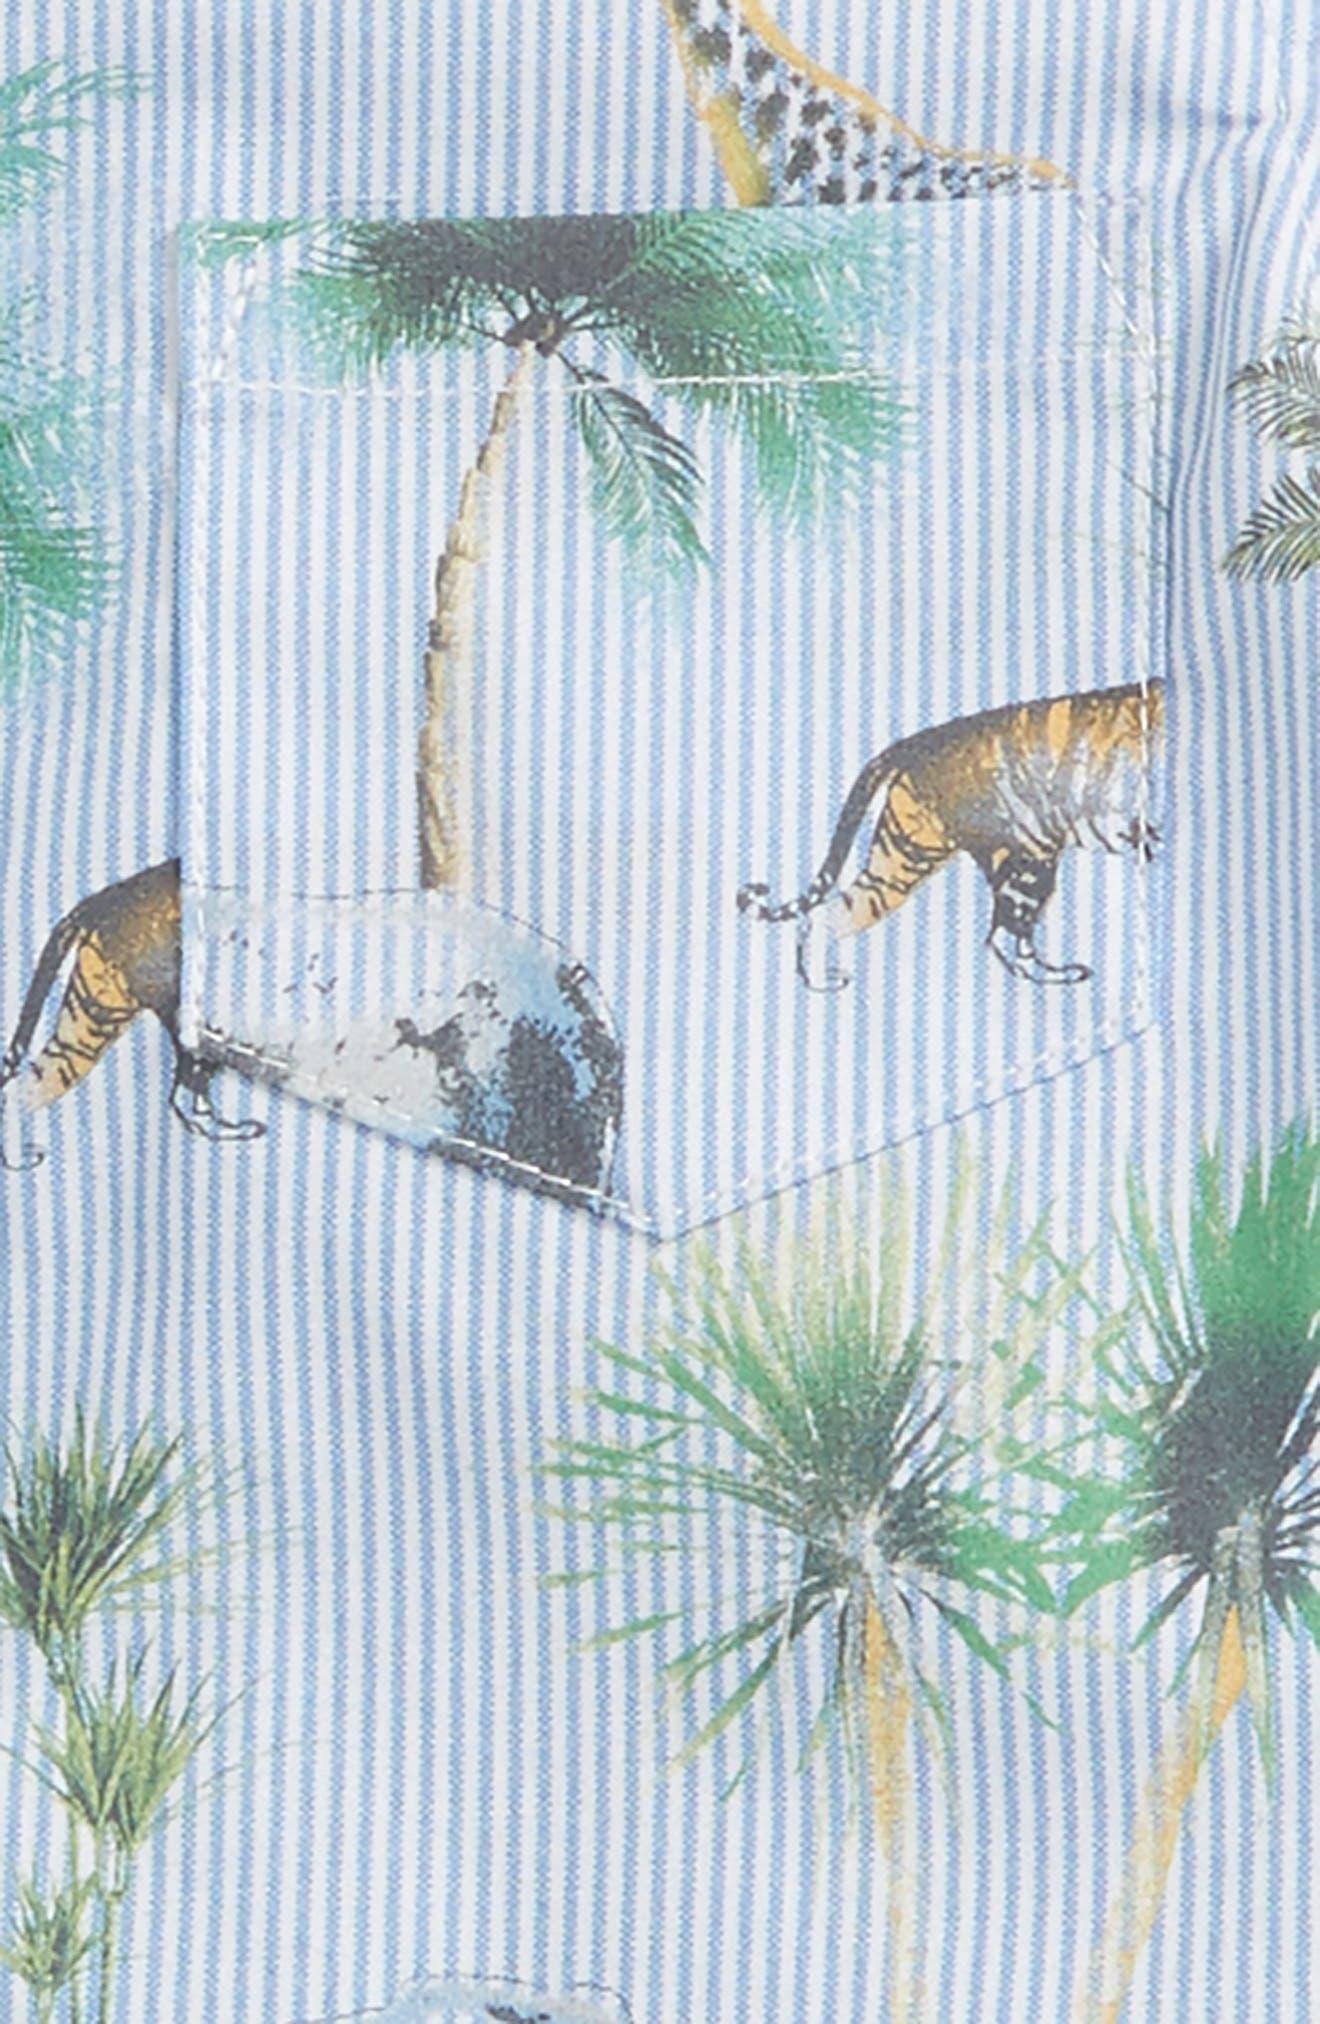 Safari Woven Shirt & Shorts Set,                             Alternate thumbnail 2, color,                             430